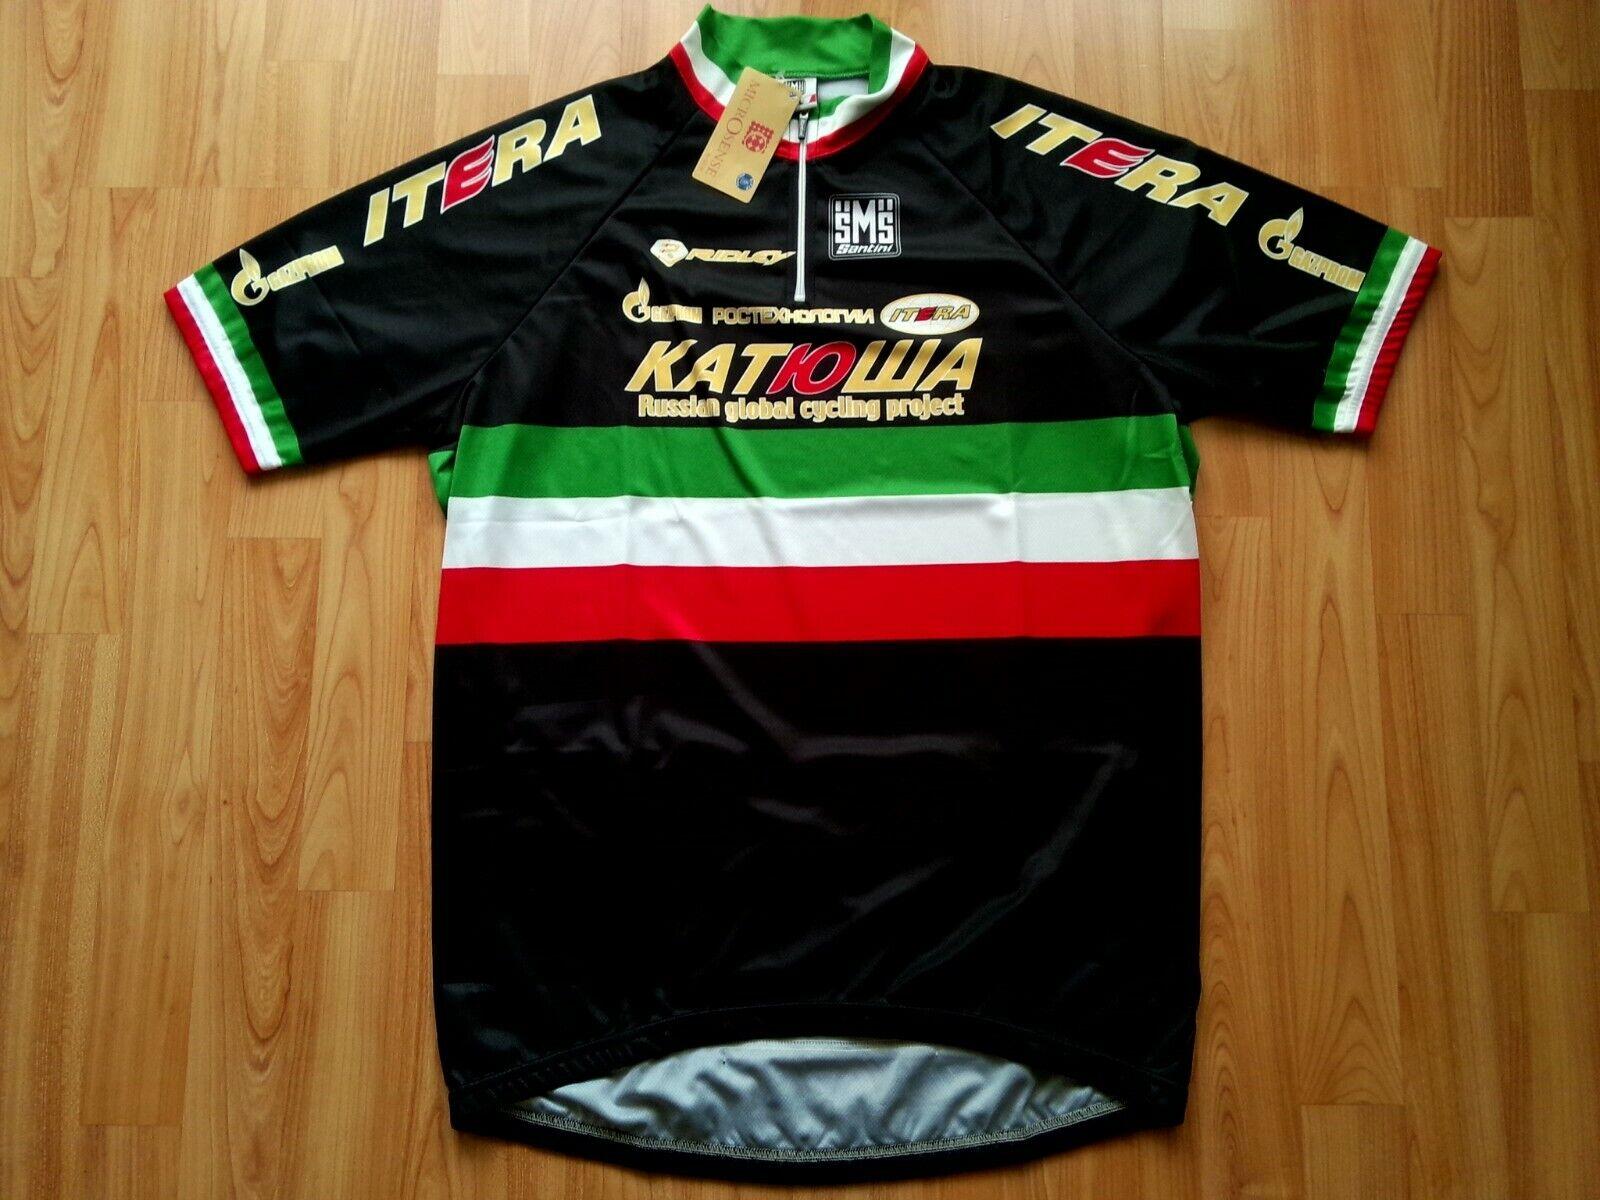 Filippo Pozzato Katusha ITALIANO CHAMPION CHAMPION CHAMPION Ciclismo Jersey 2009 specialee edizione 3XL b52